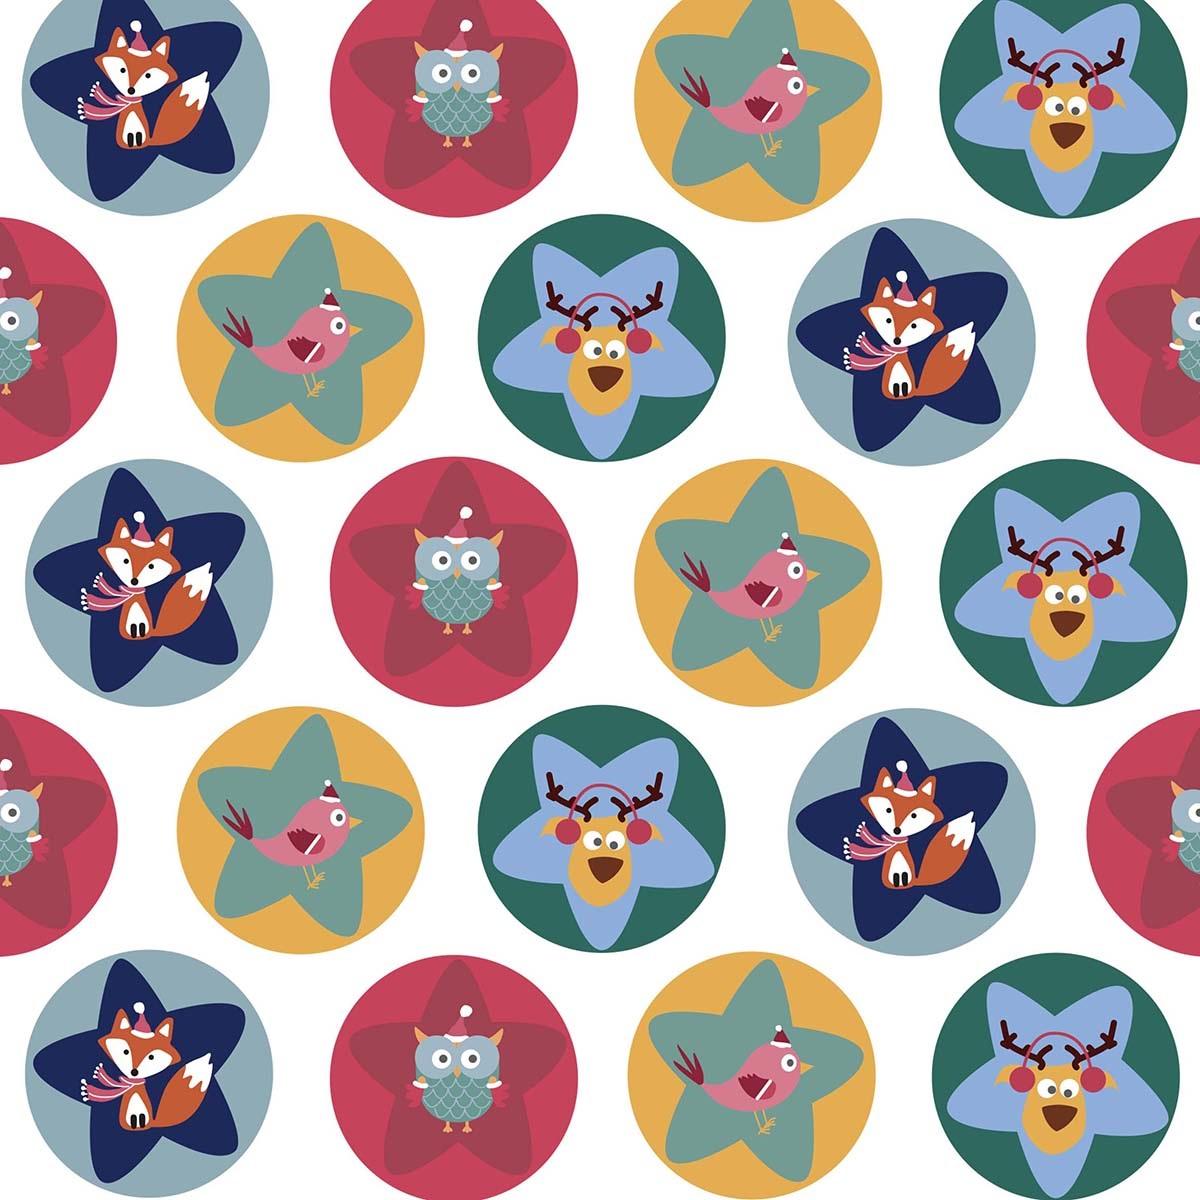 Салфетки бумажные Gratias Новогодние игрушки, трехслойные, 33 х 33 см, 20 штIRK-503Трехслойные бумажные салфетки Gratias Новогодние игрушки, выполненные из натуральной целлюлозы, станут отличным дополнением любого праздничного стола. Они отличаются необычной мягкостью и прочностью. Размер листа: 33 х 33 см. Количество слоев: 3.